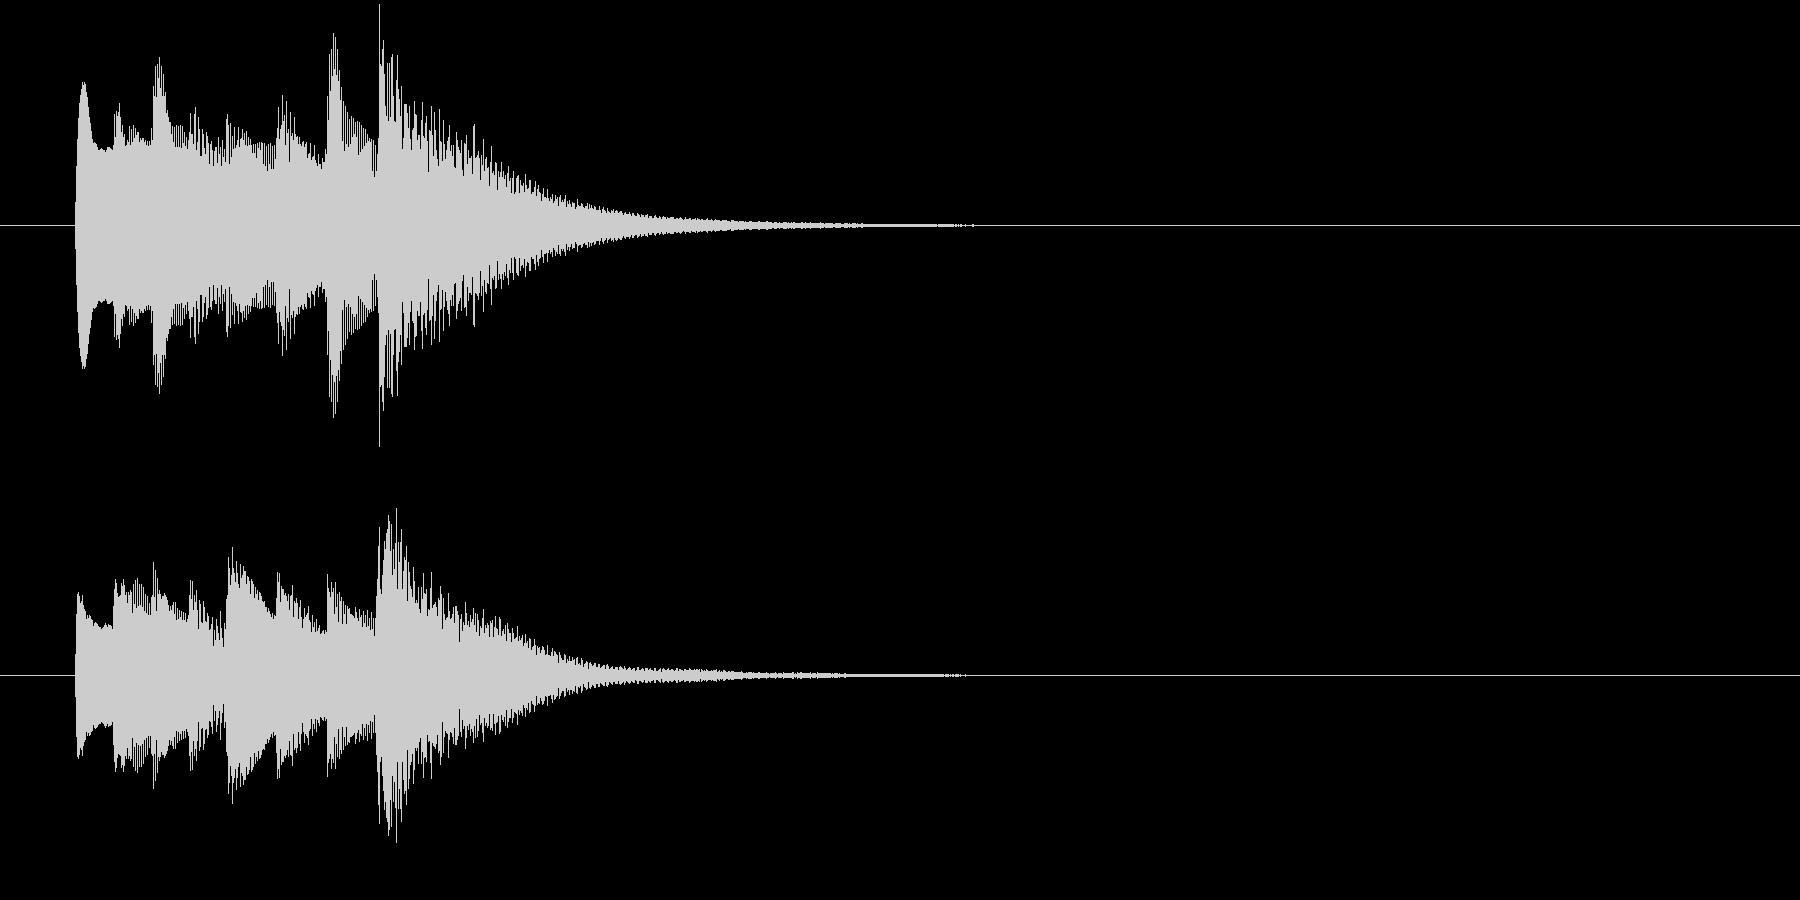 ポロンとしたセーブ音の未再生の波形